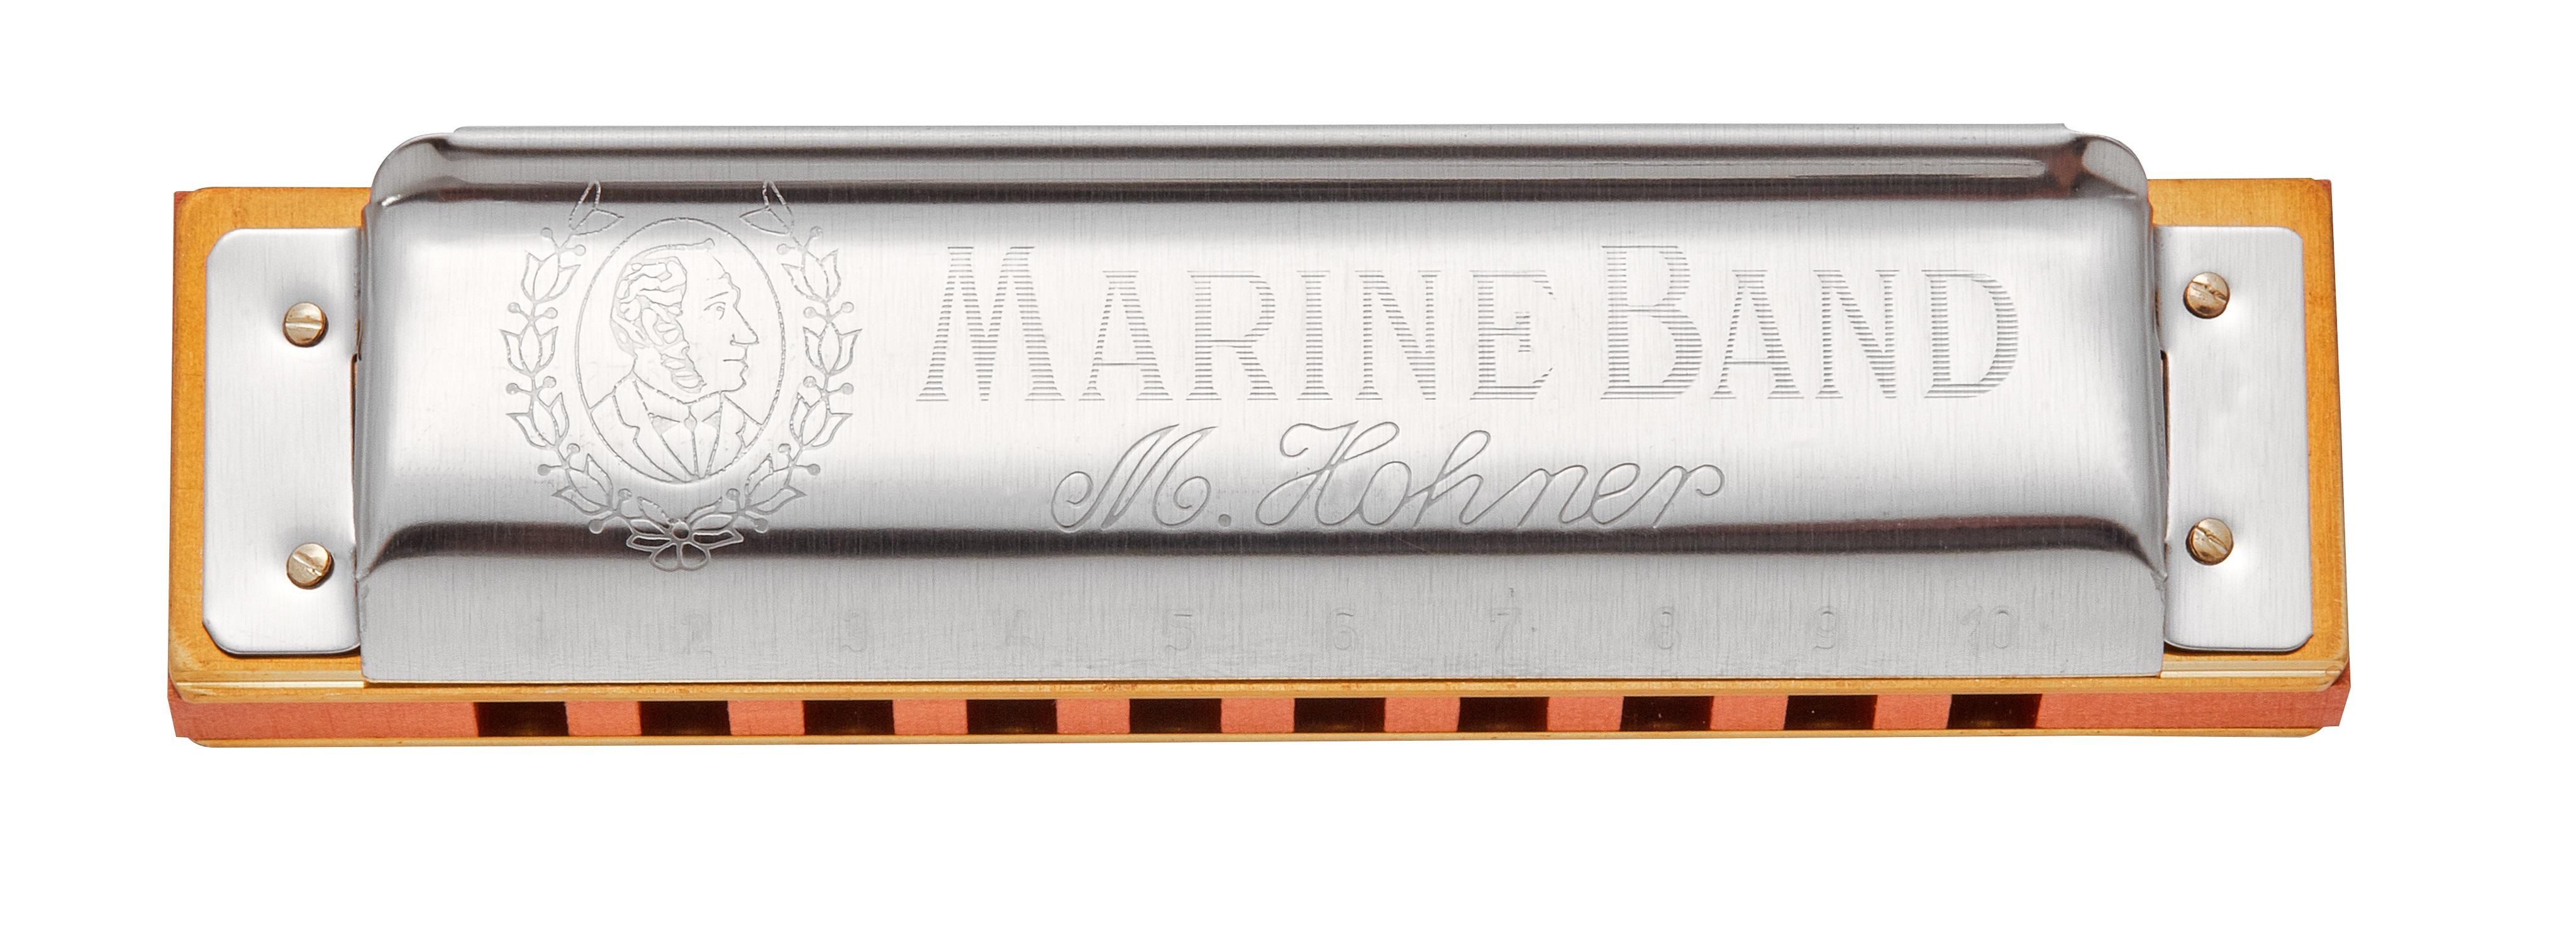 Hohner Marine Band 1896 C-harmonic minor